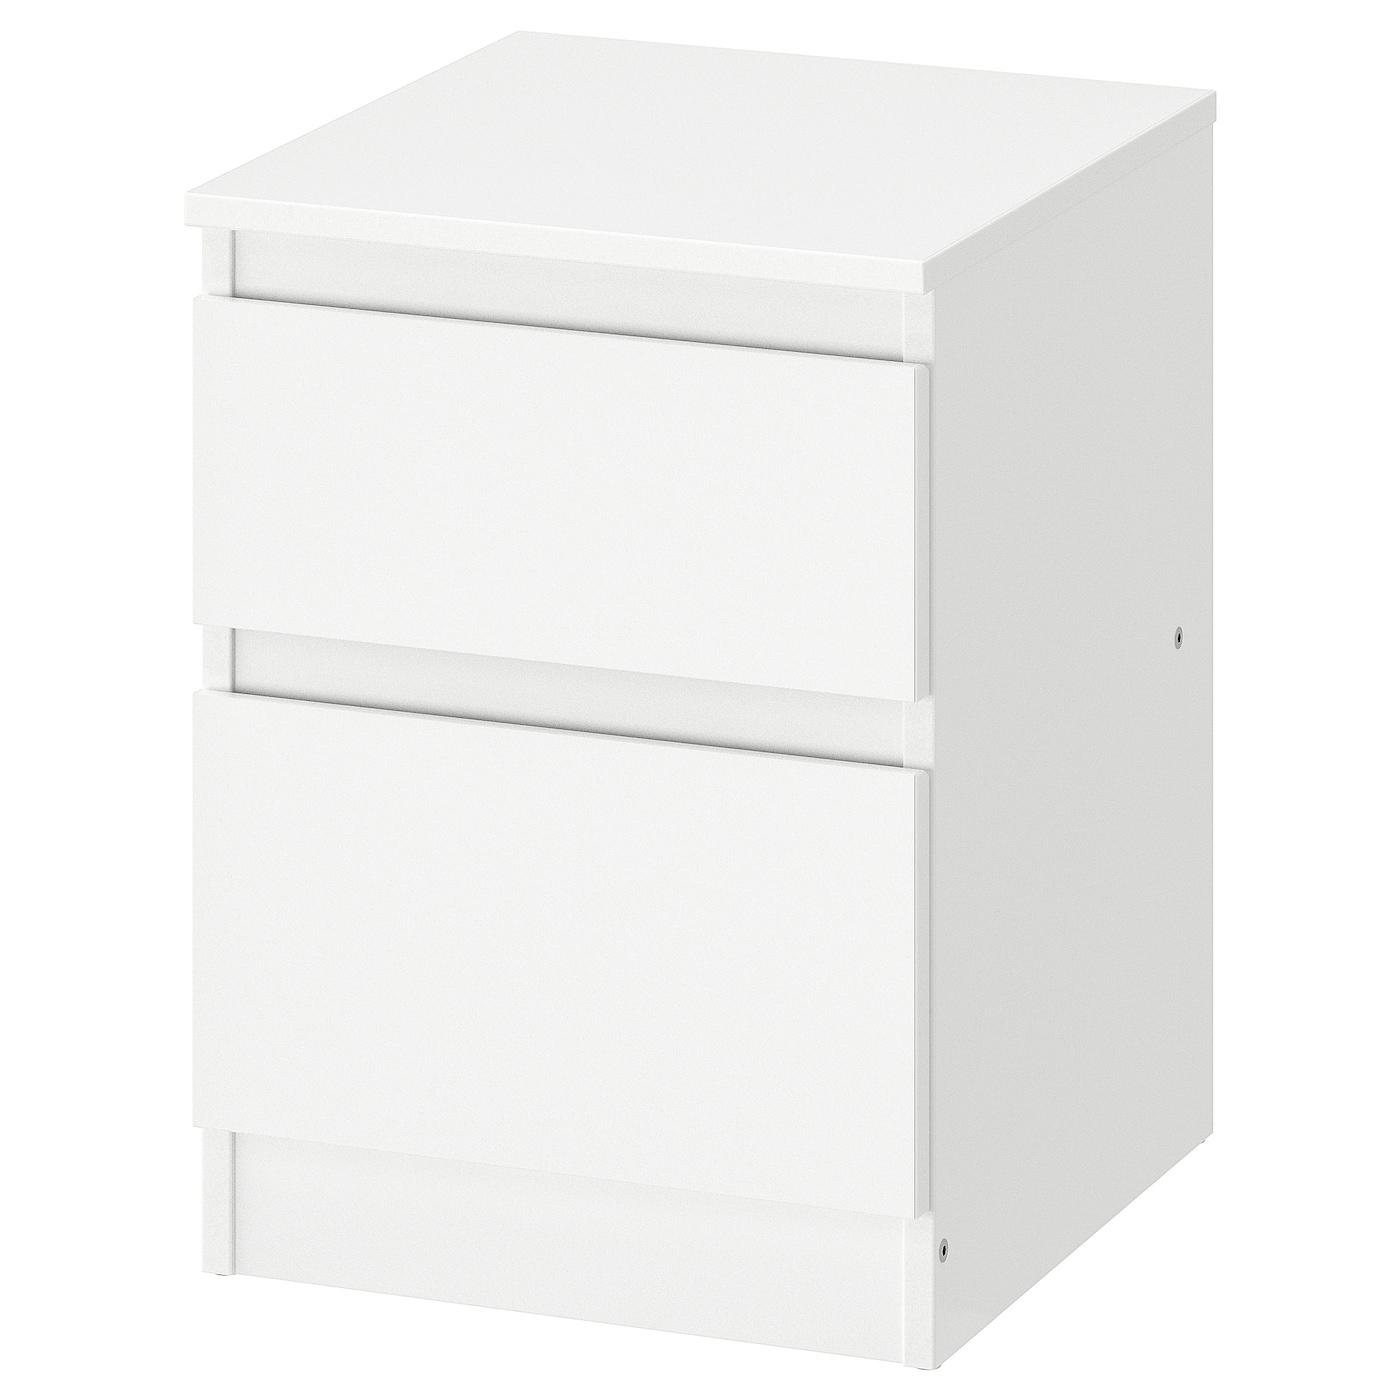 Kullen Chest Of 2 Drawers White